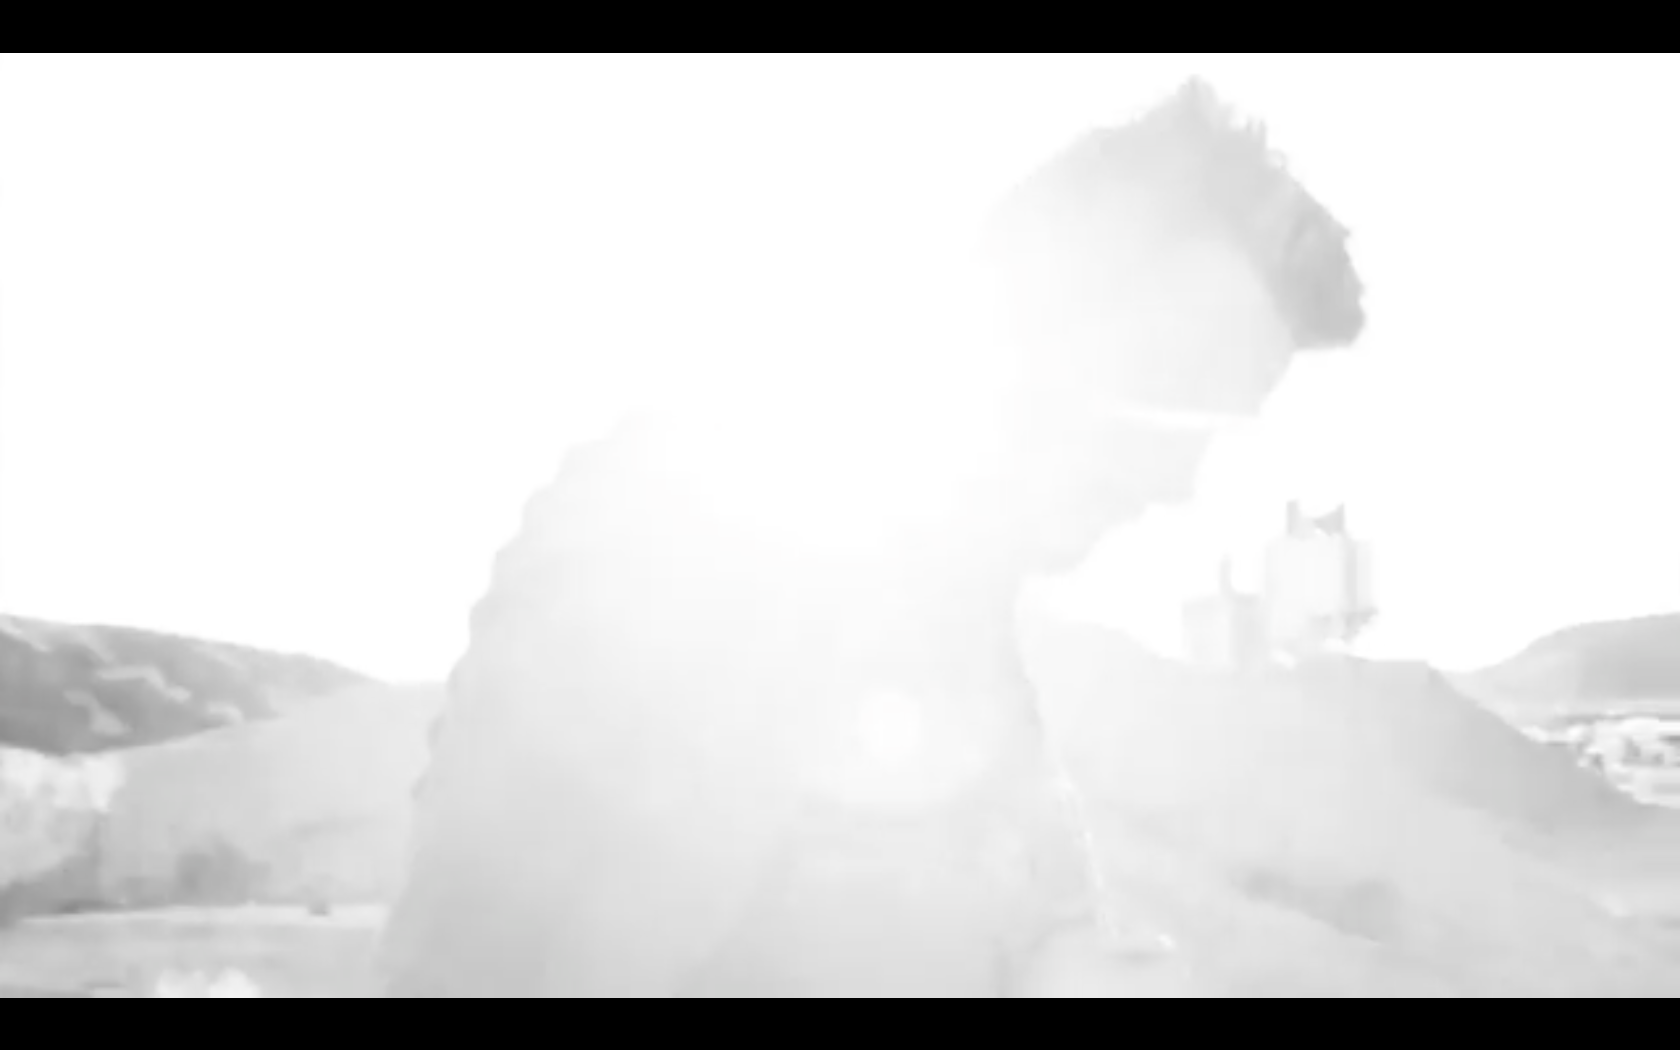 Screen-Shot-2015-08-11-at-9.08.03-AM.png